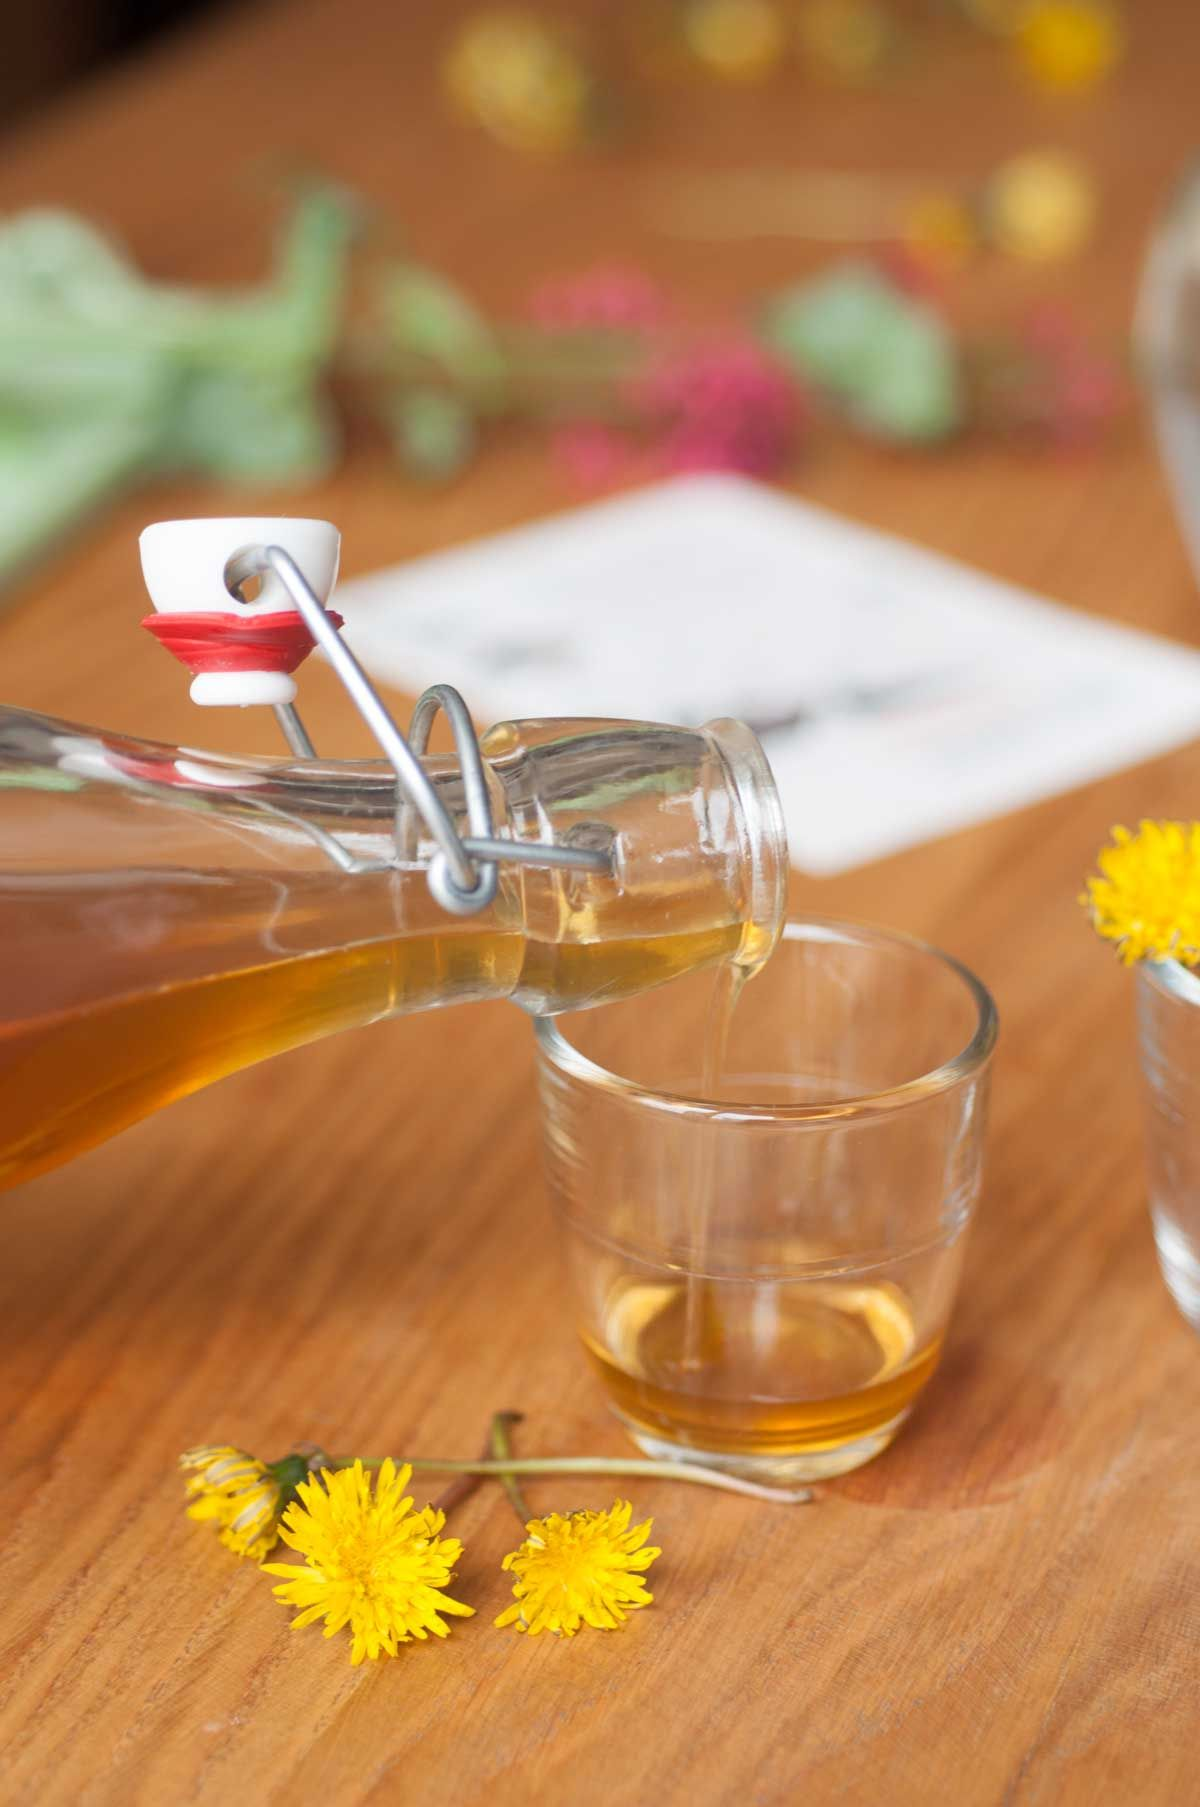 Sirop de pissenlit et citron   Sirop, Jus et smoothies, Cuisine sauvage